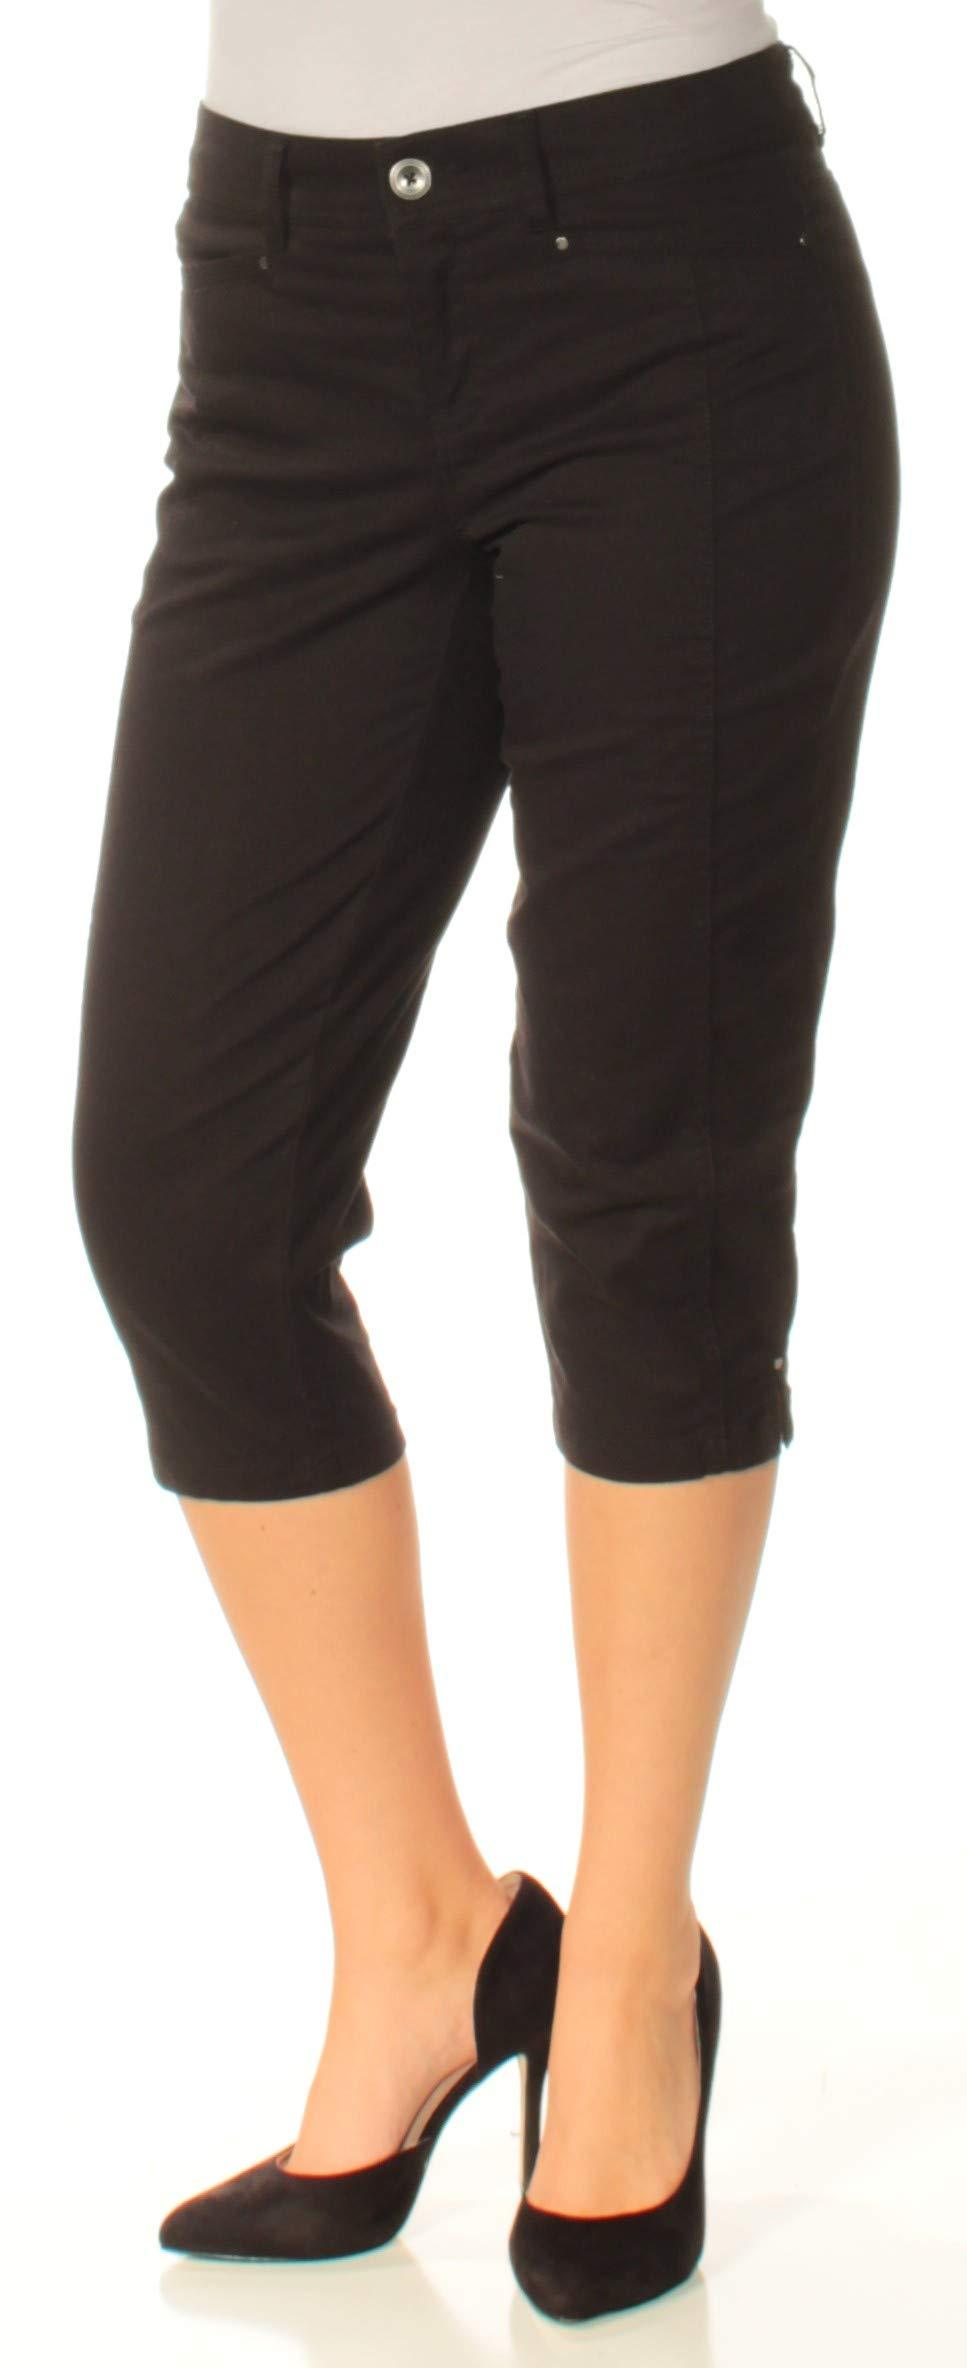 Style & Co. Womens Petites Mid-Rise Tummy Control Capri Pants Black 6P